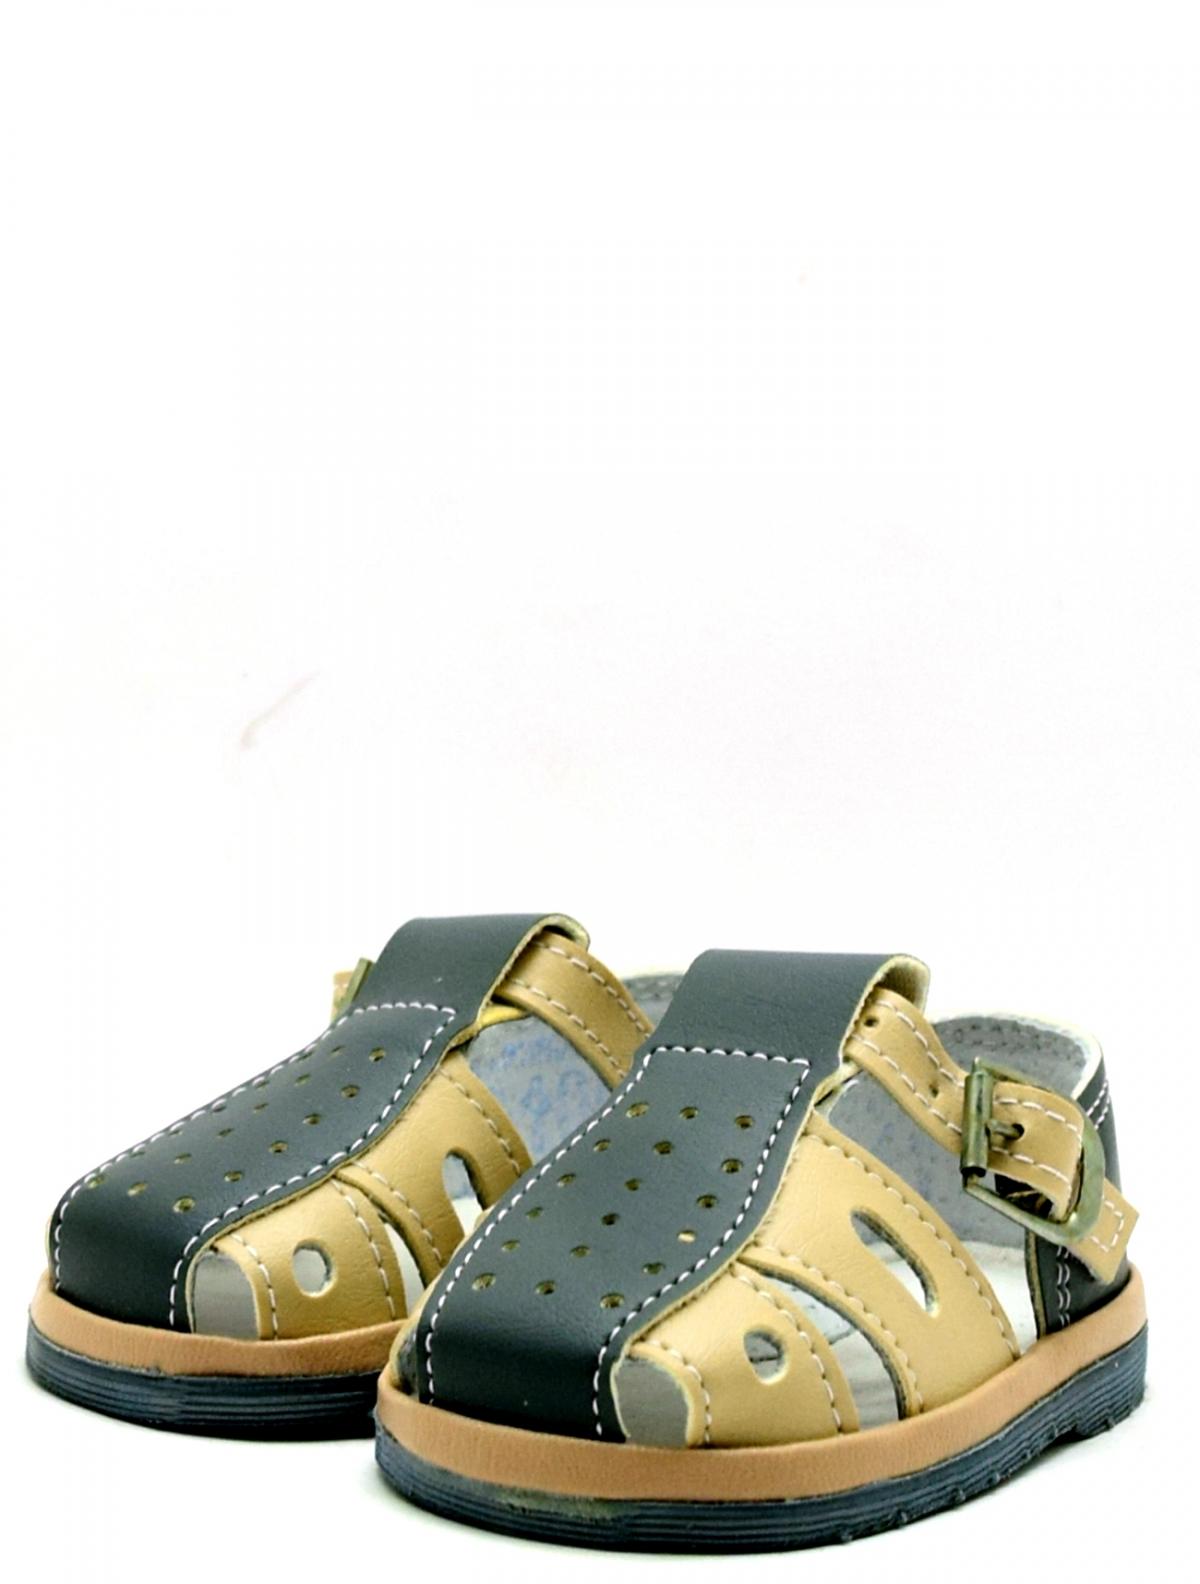 Римал 151 детские сандали